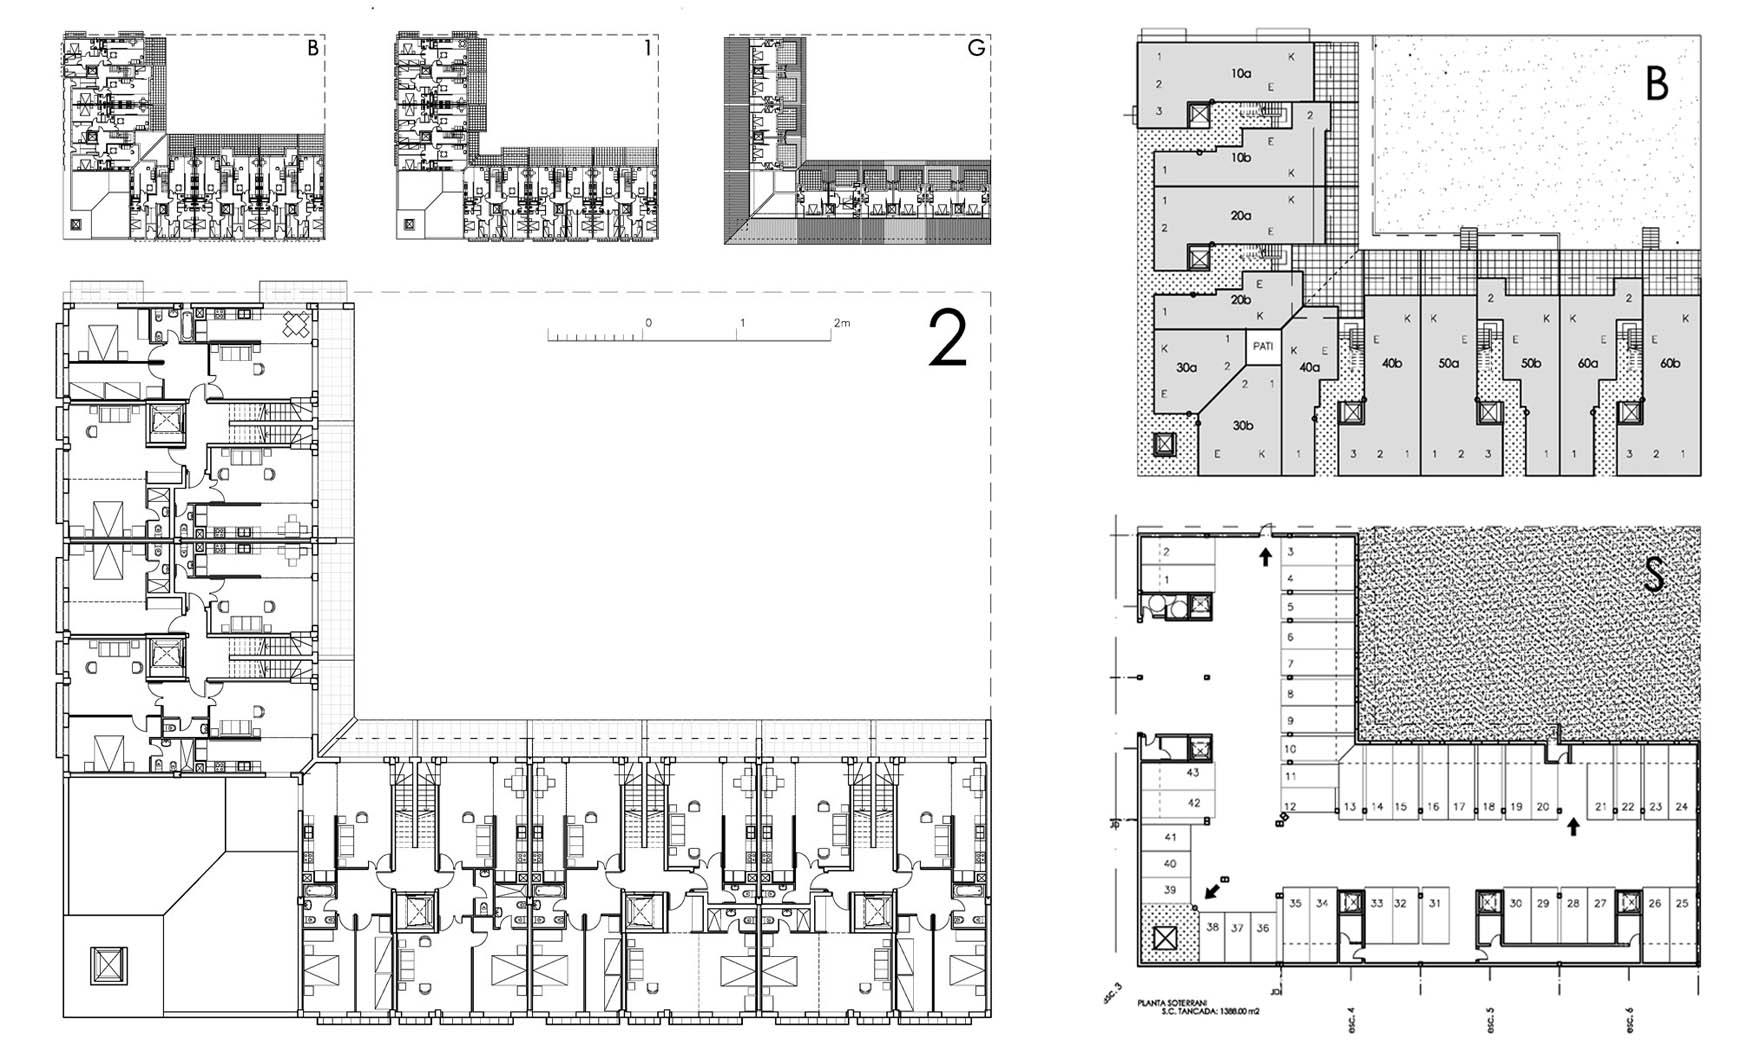 40 viviendas y aparcamiento subterráneo en Perafort, tarragona. Anteproyecto, 2007.